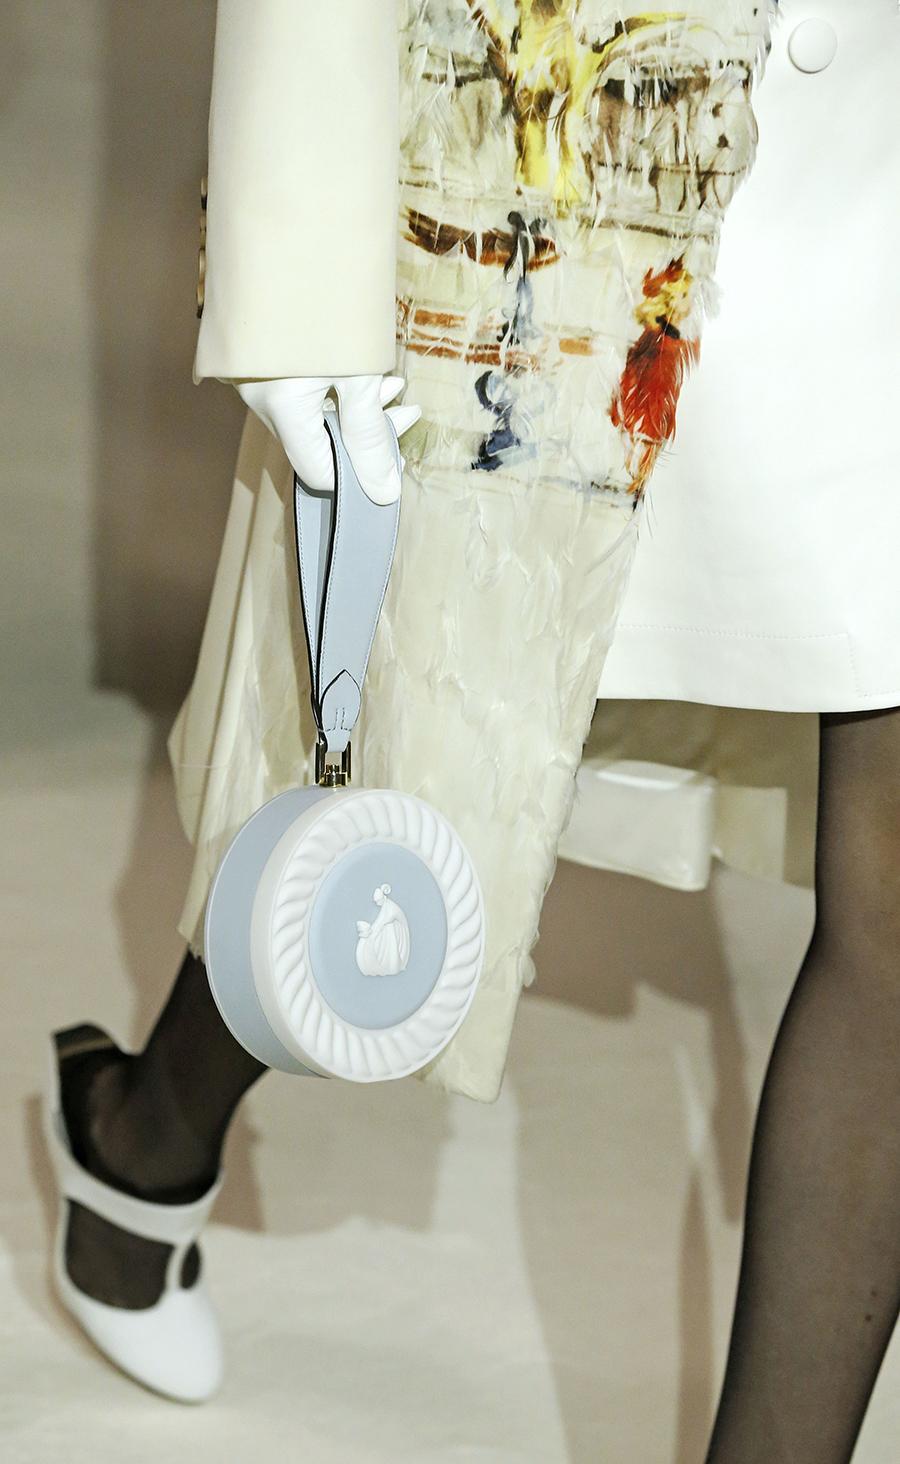 модная осень зима 2020 2021 круглая шляпная коробка жесткая форма голубая пинт белый веджвуд